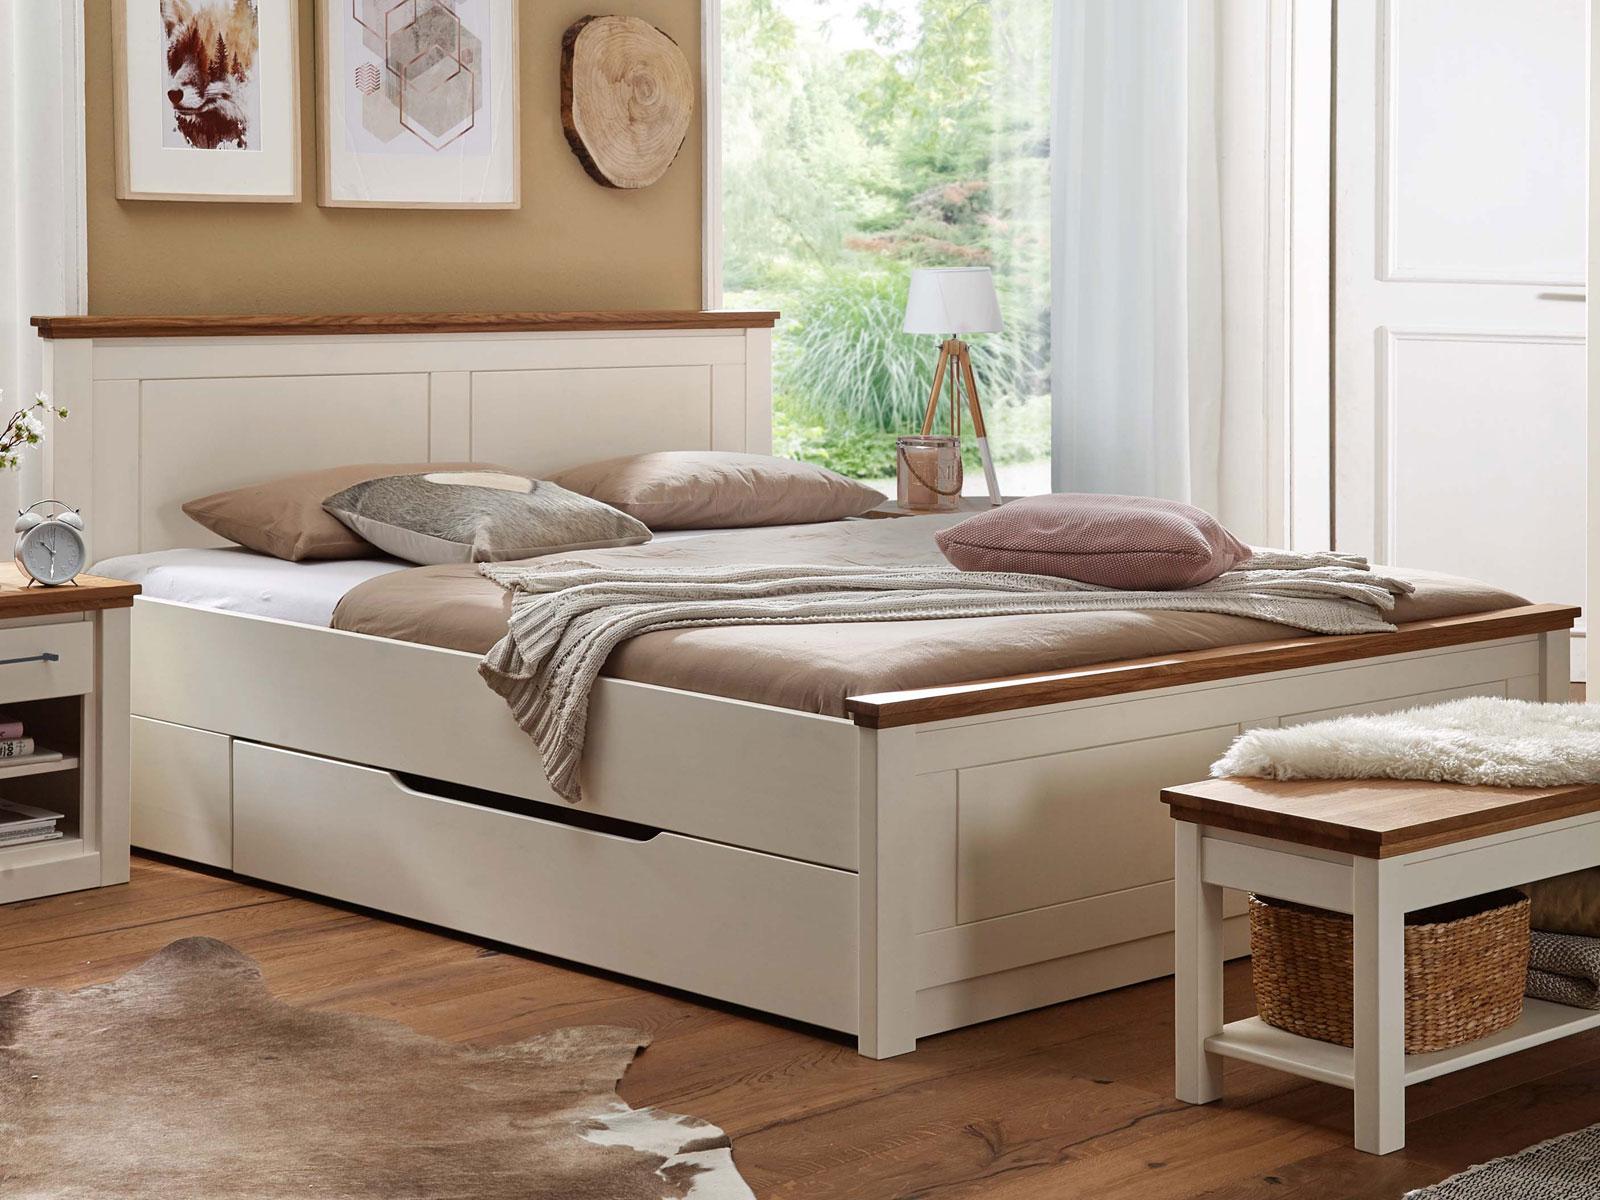 Full Size of Bett Doppelbett Provence 180 200 Cm Pinie Nordica Creme Und Skandinavisch Selber Bauen 180x200 Dänisches Bettenlager Badezimmer Wand Esstisch Eiche Massiv Bett Massiv Bett 180x200